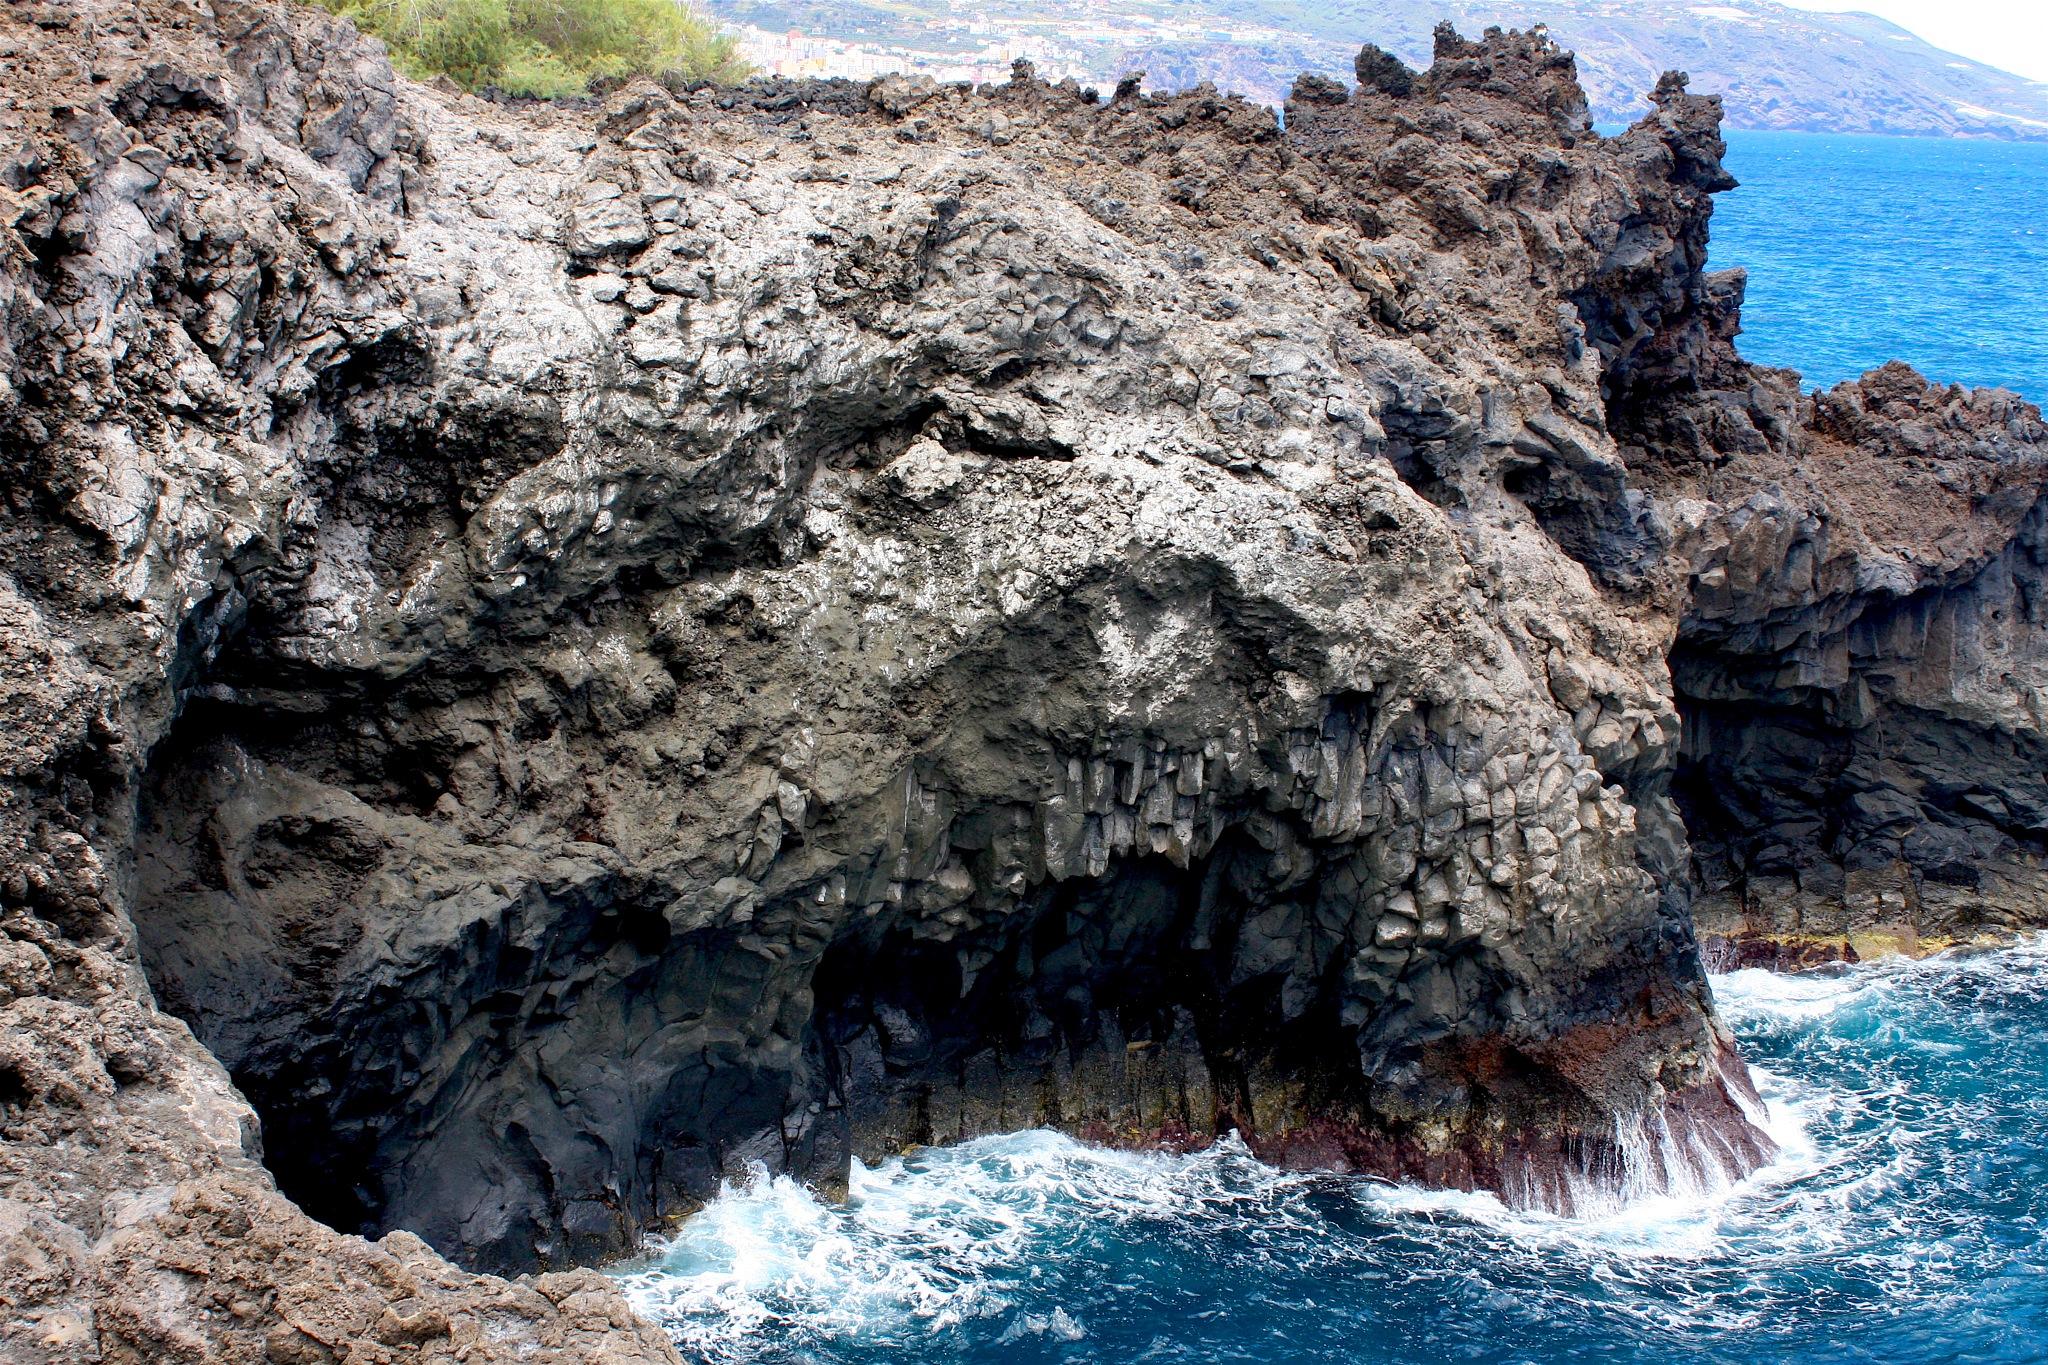 Lava Rock & Waves by Ddolfelin